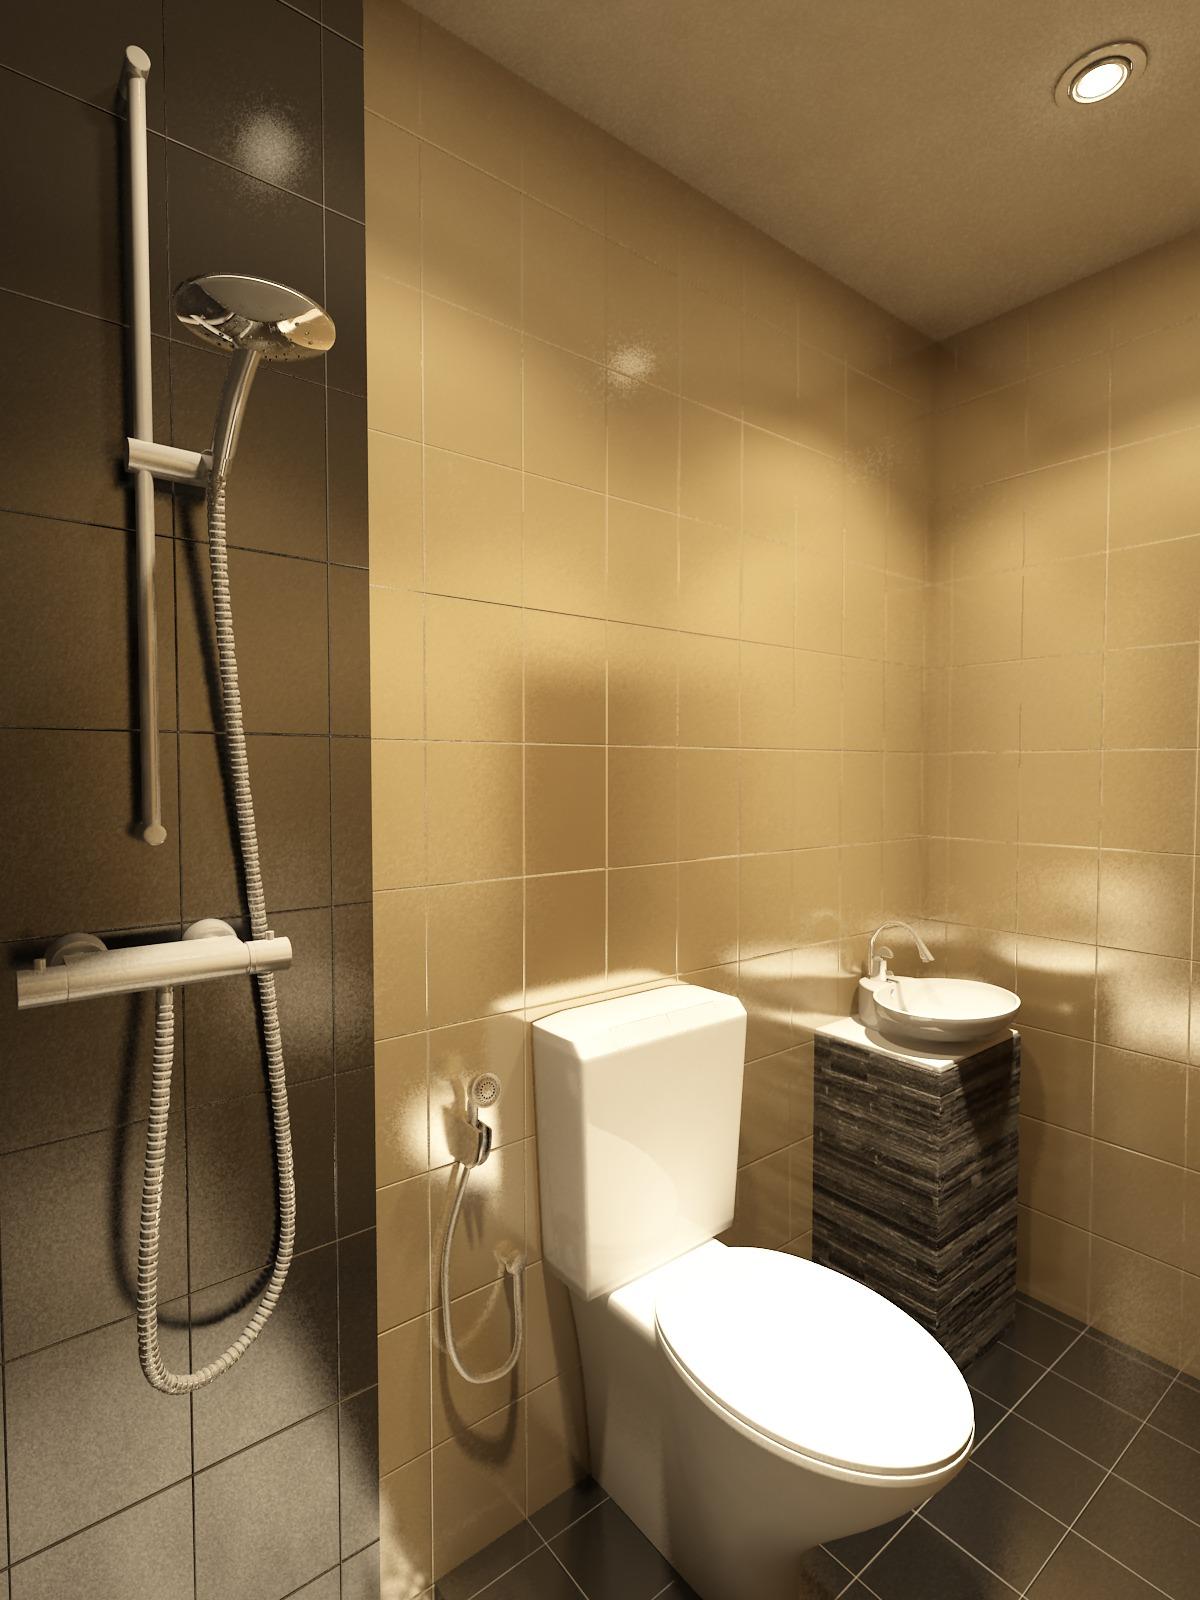 desain kamar mandi minimalis wc jongkok   gambar desain rumah minimalis